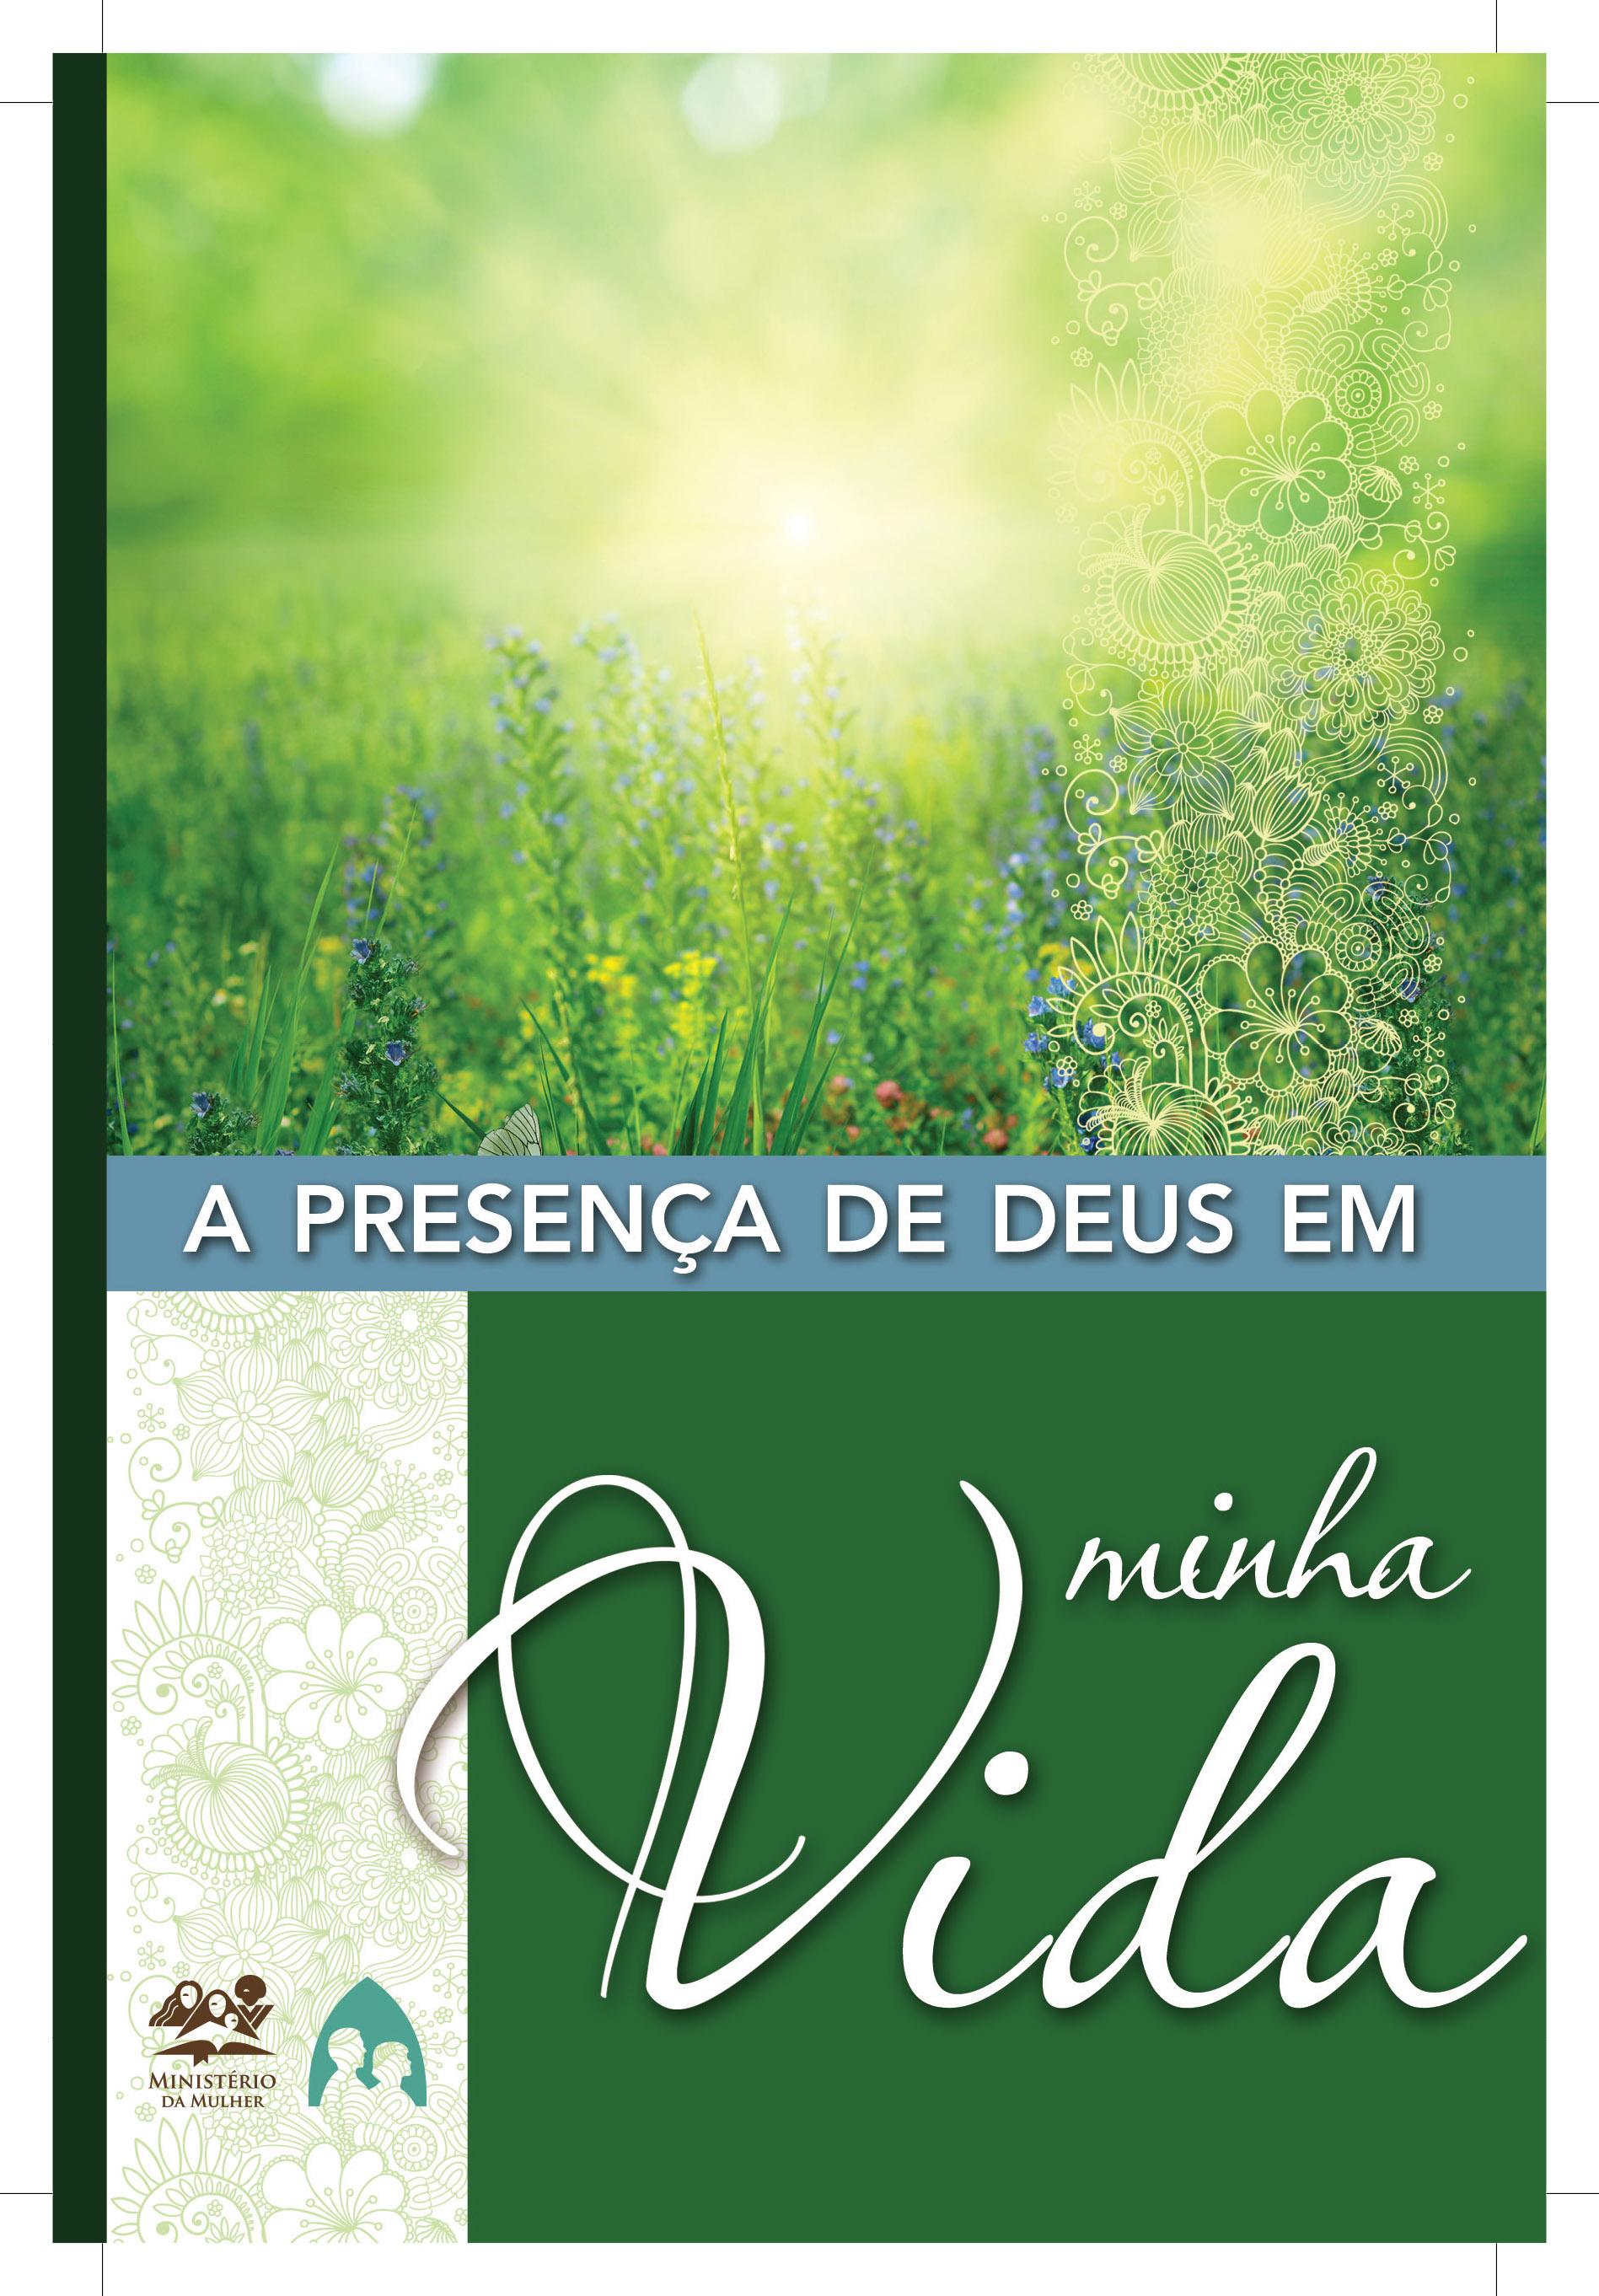 Guia: A presença de Deus em minha vida